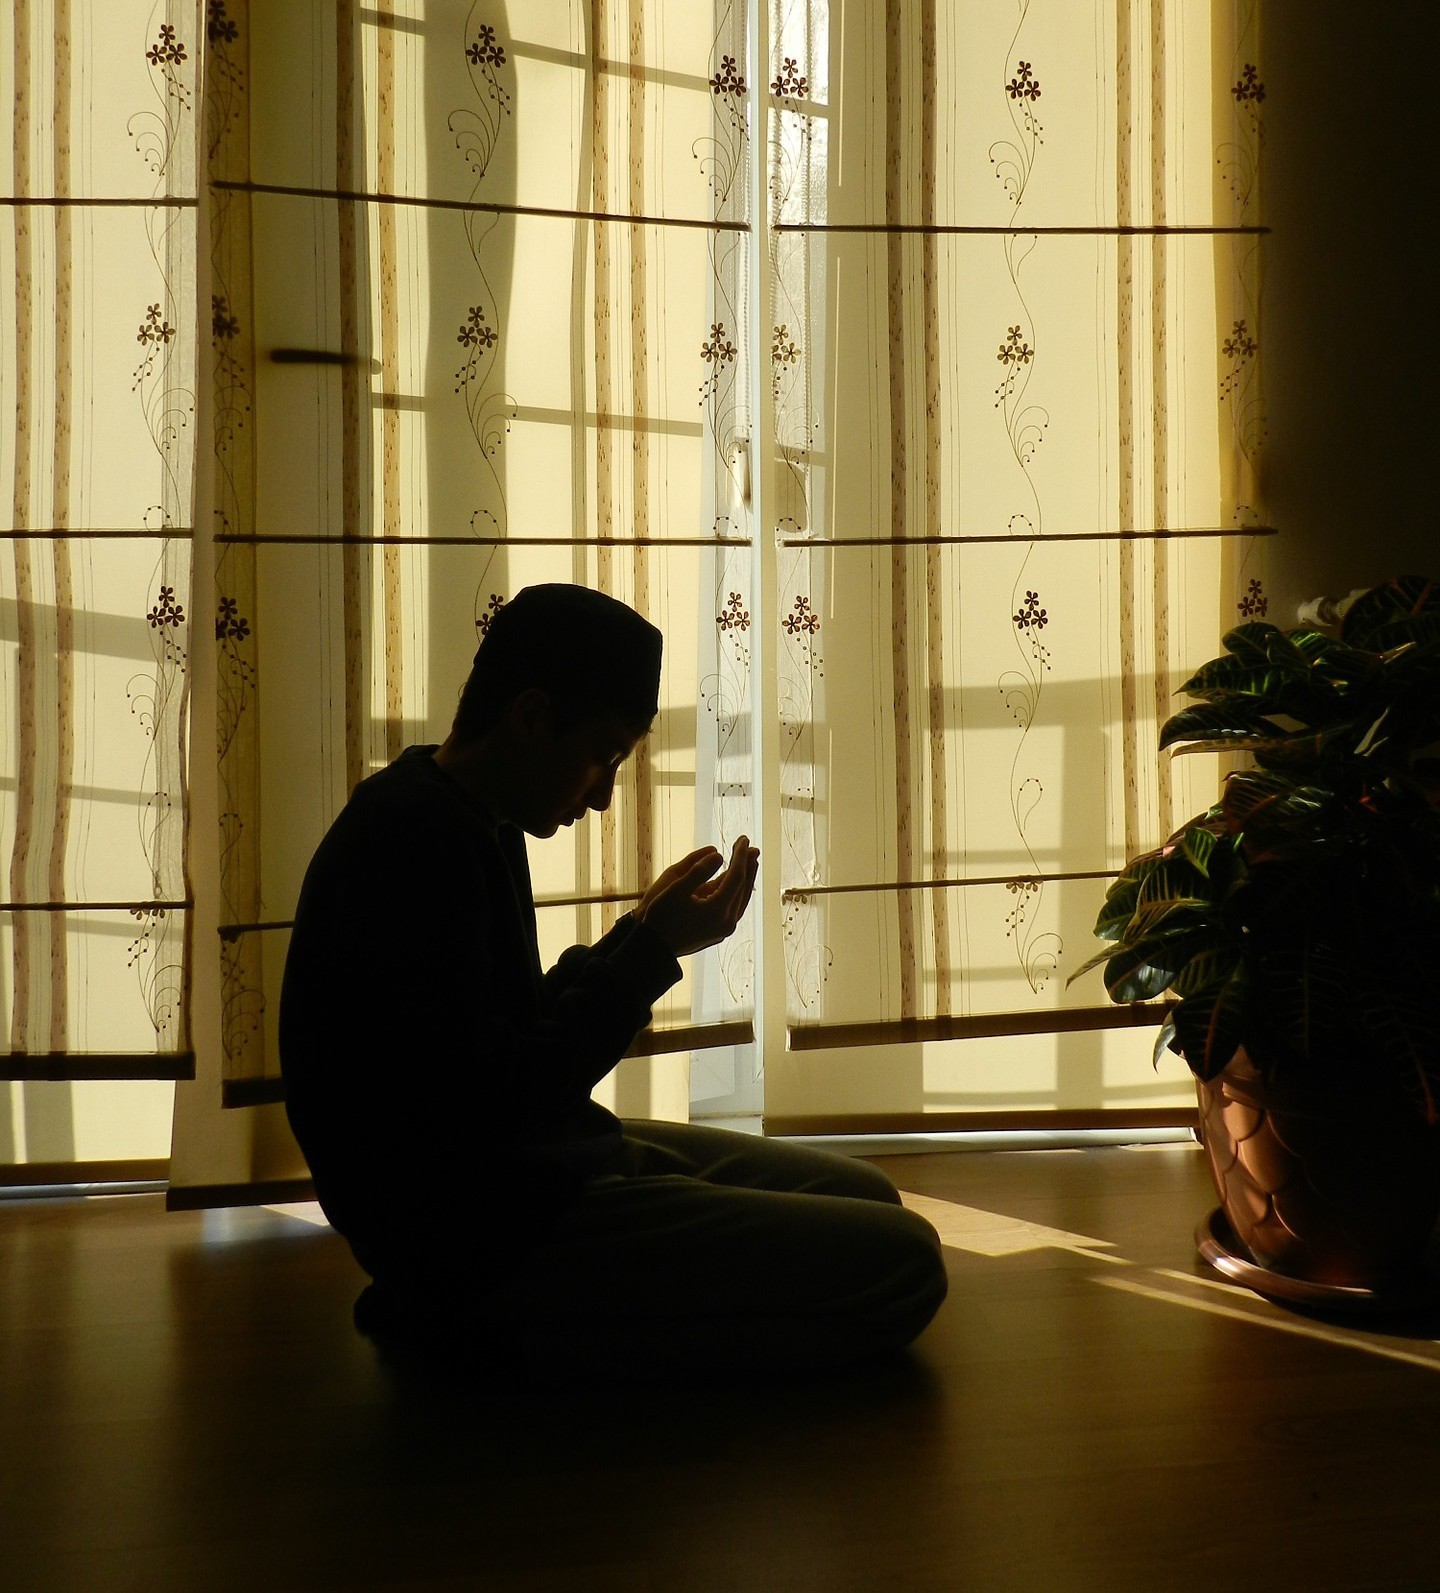 Bizi, Bir Yapan Değerler - prayer 963859 1920 e1446243895312 - Bizi, Bir Yapan Değerler